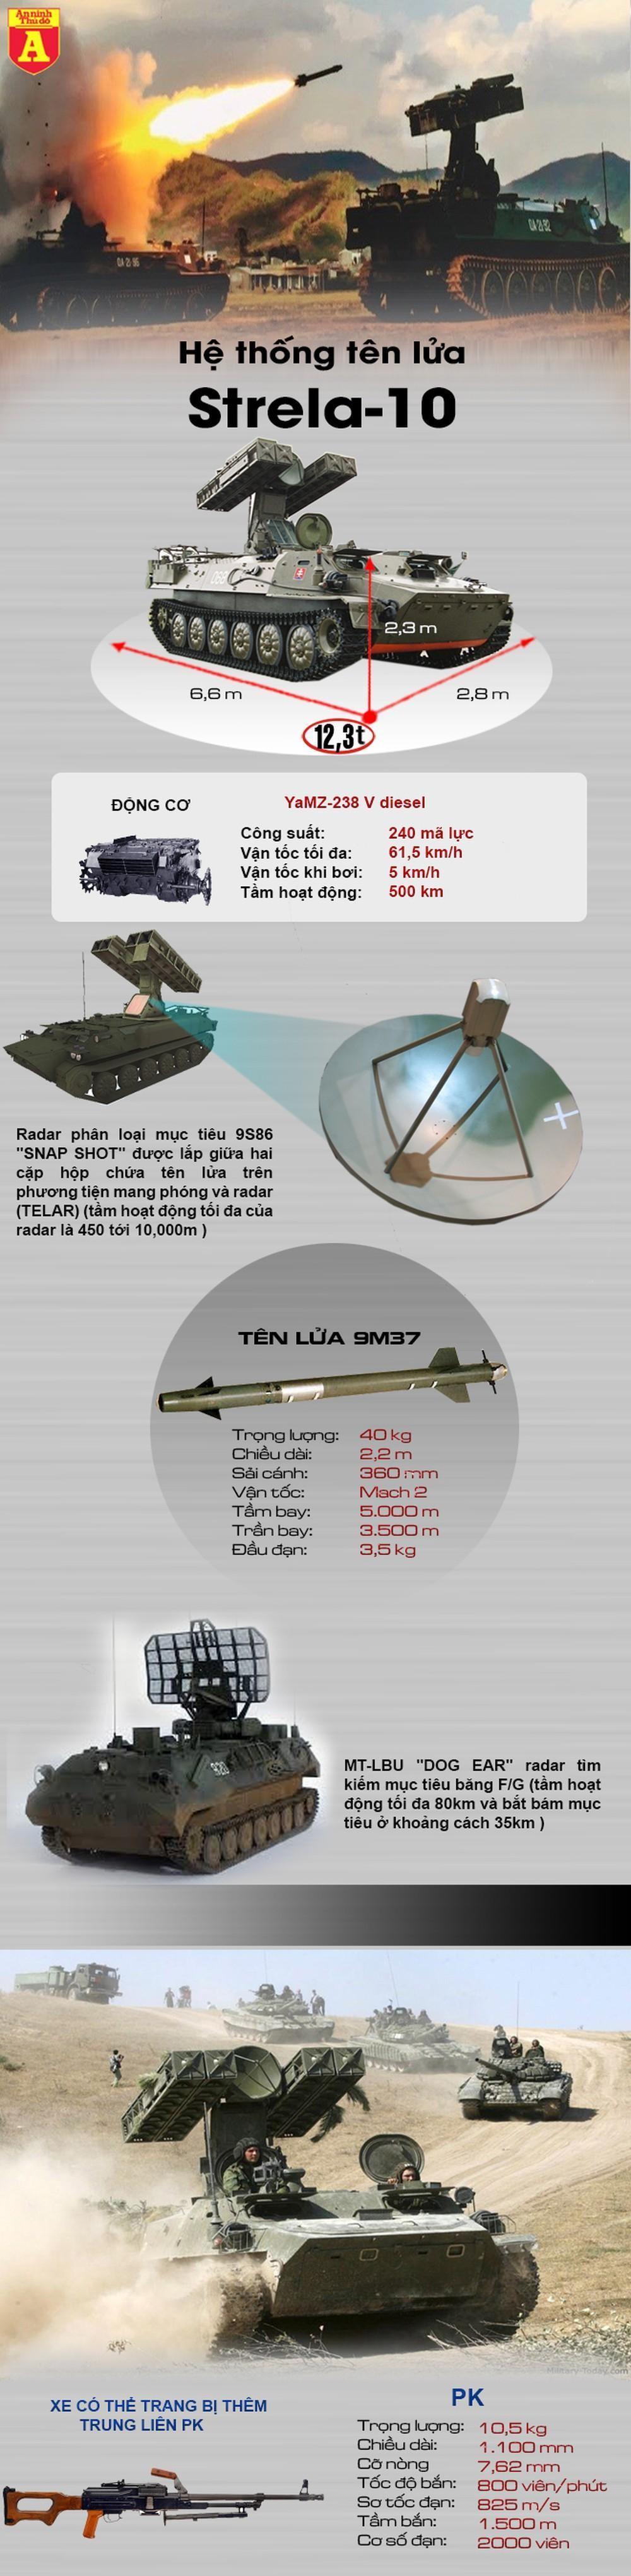 [Info] UCAV hiện đại Trung Quốc gục ngã hàng loạt trước vũ khí cũ kỹ thời Liên Xô ảnh 2